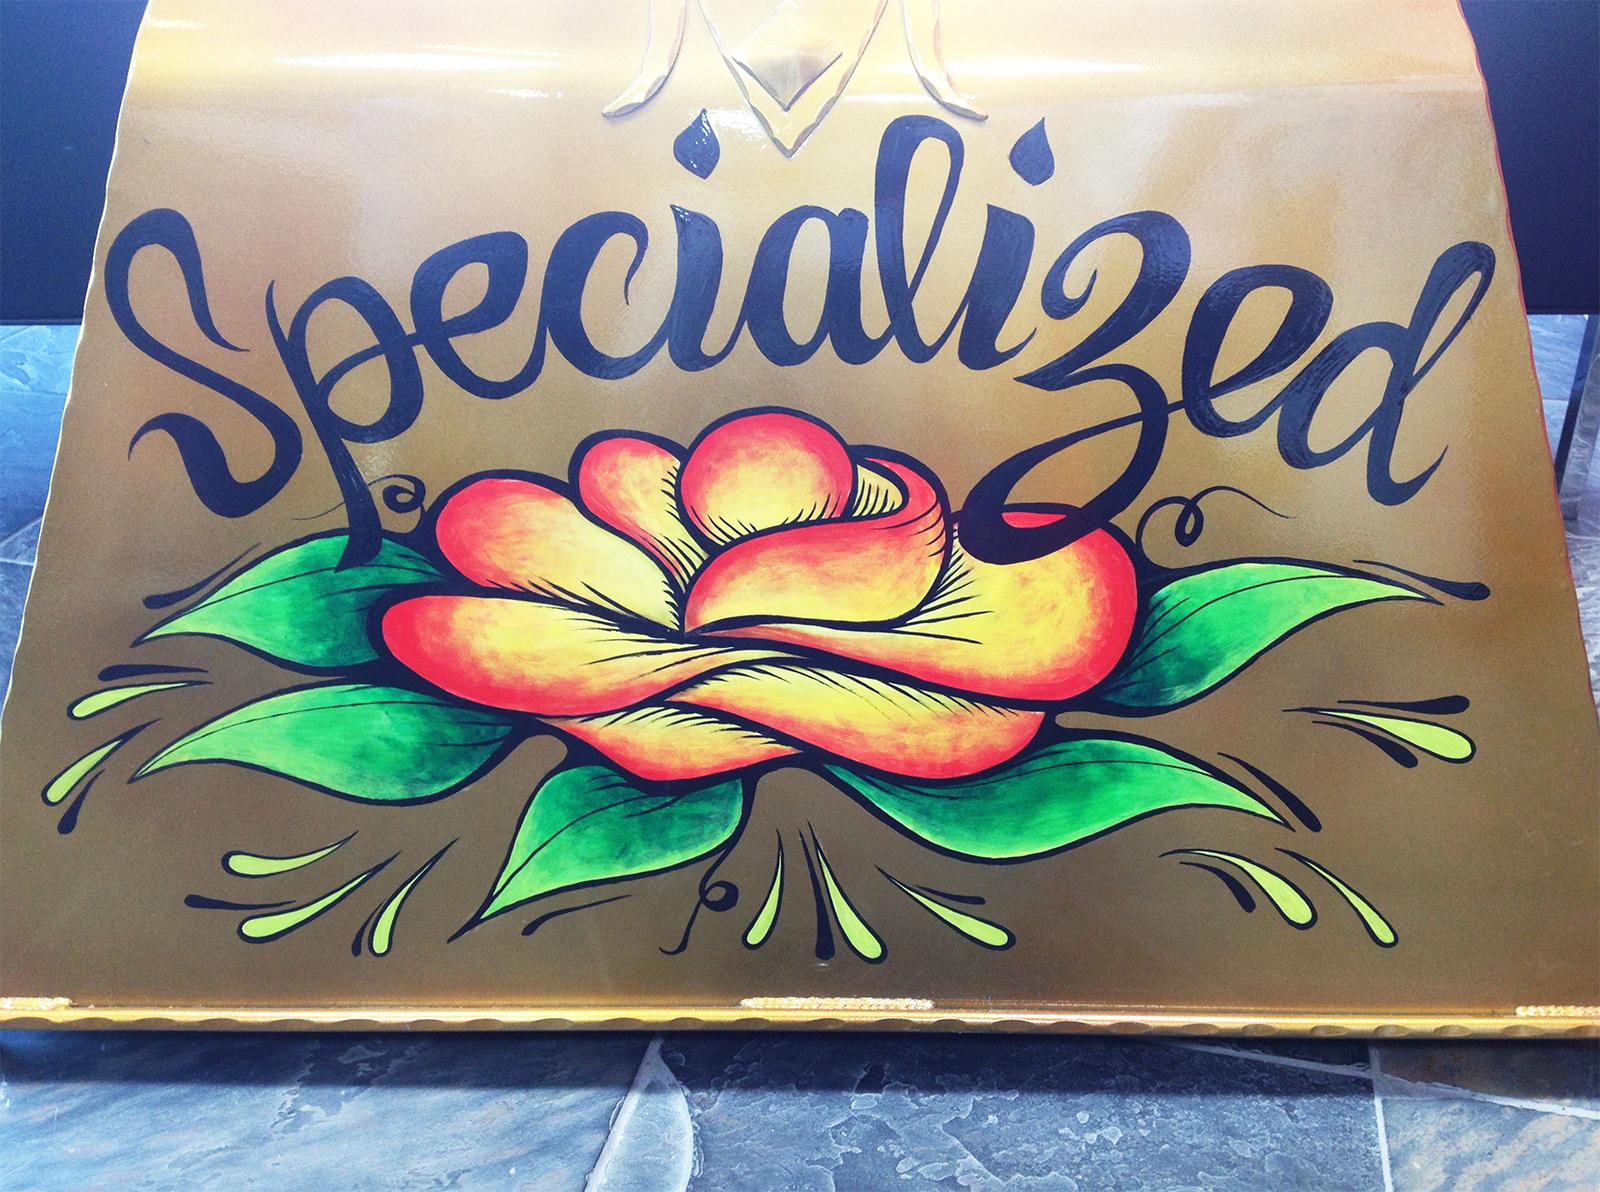 signage_specibell.jpg